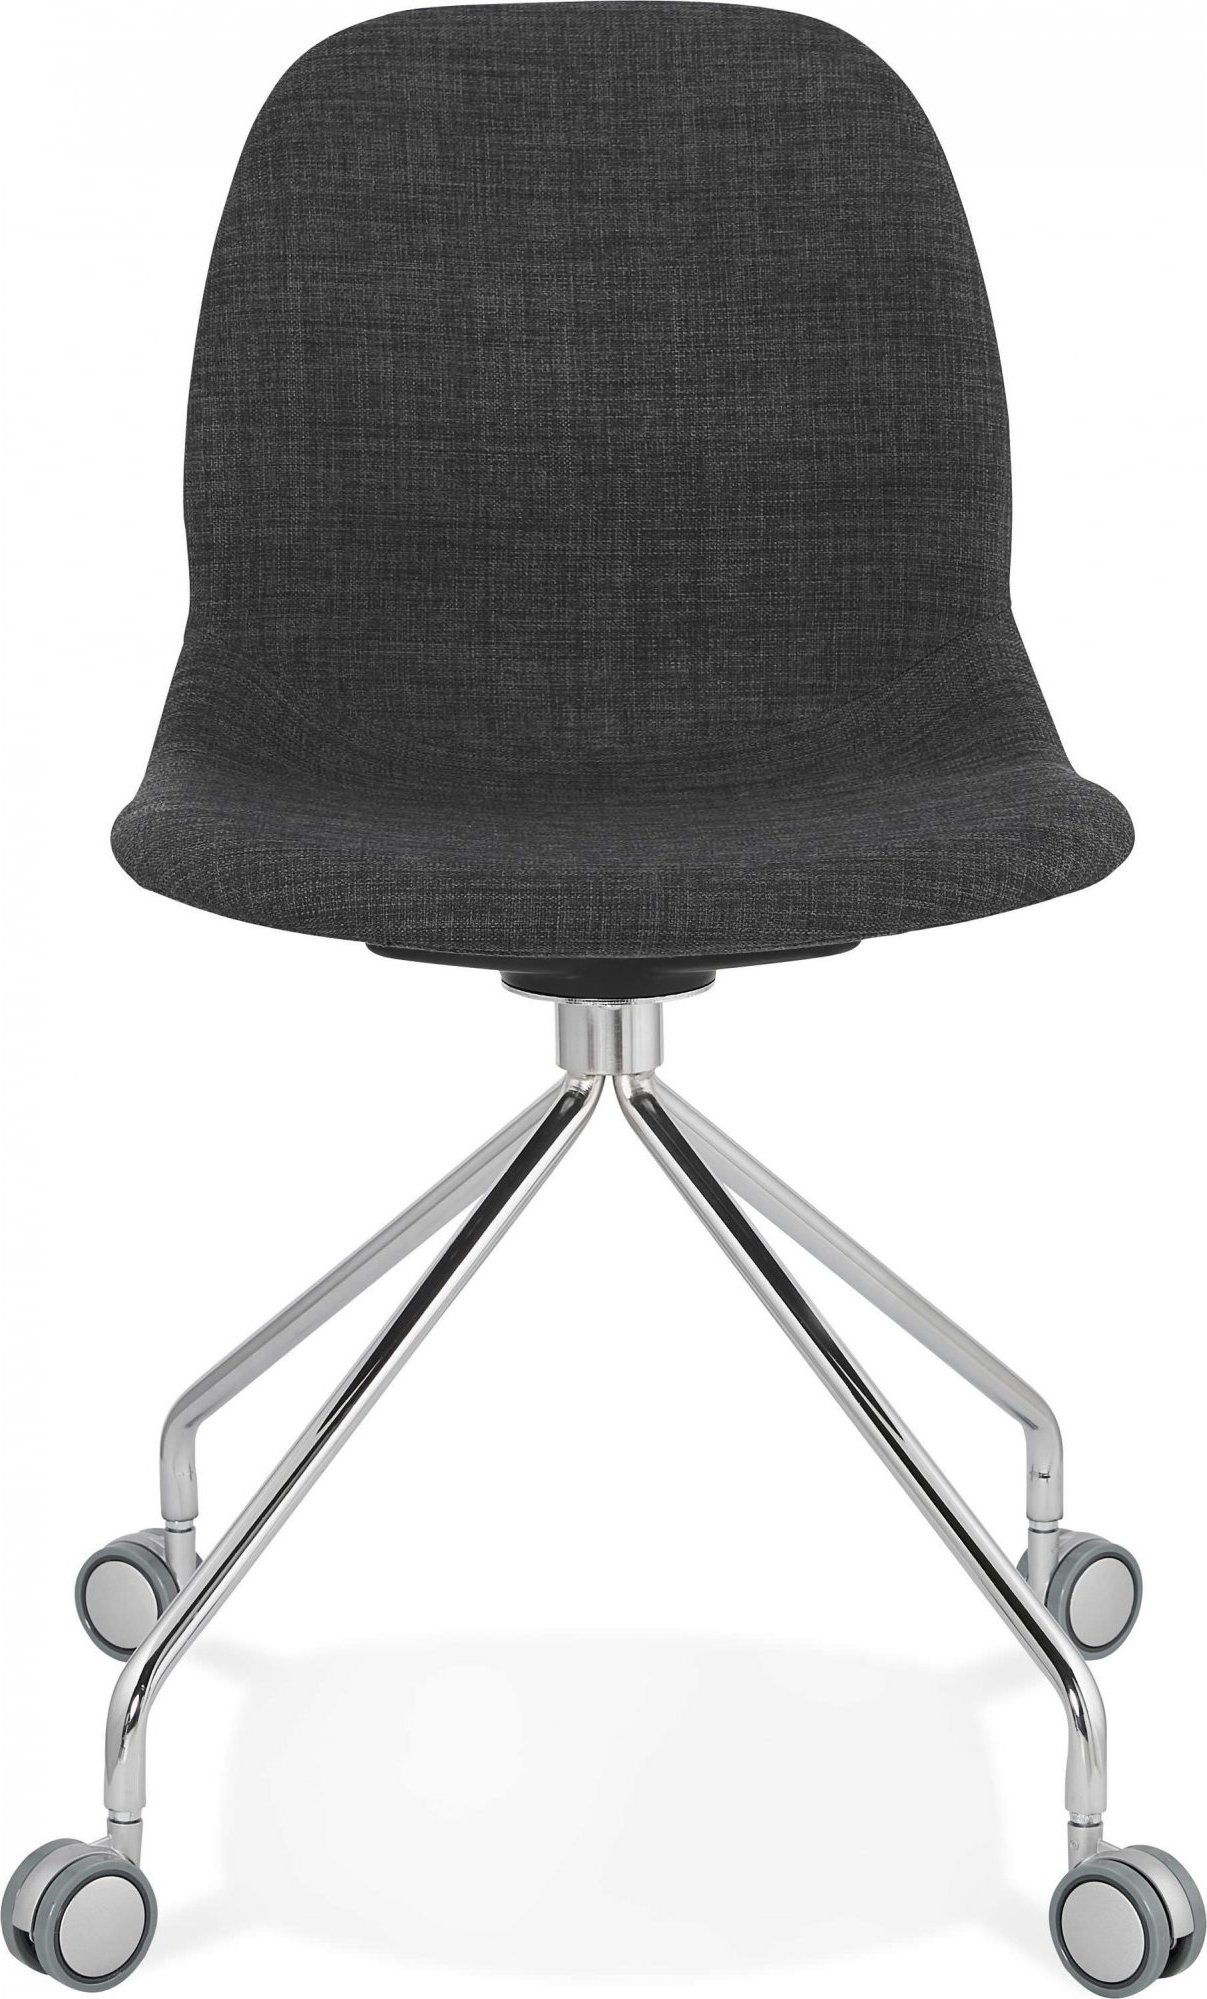 Chaise de bureau a roulettes assise rembourrée tissu gris